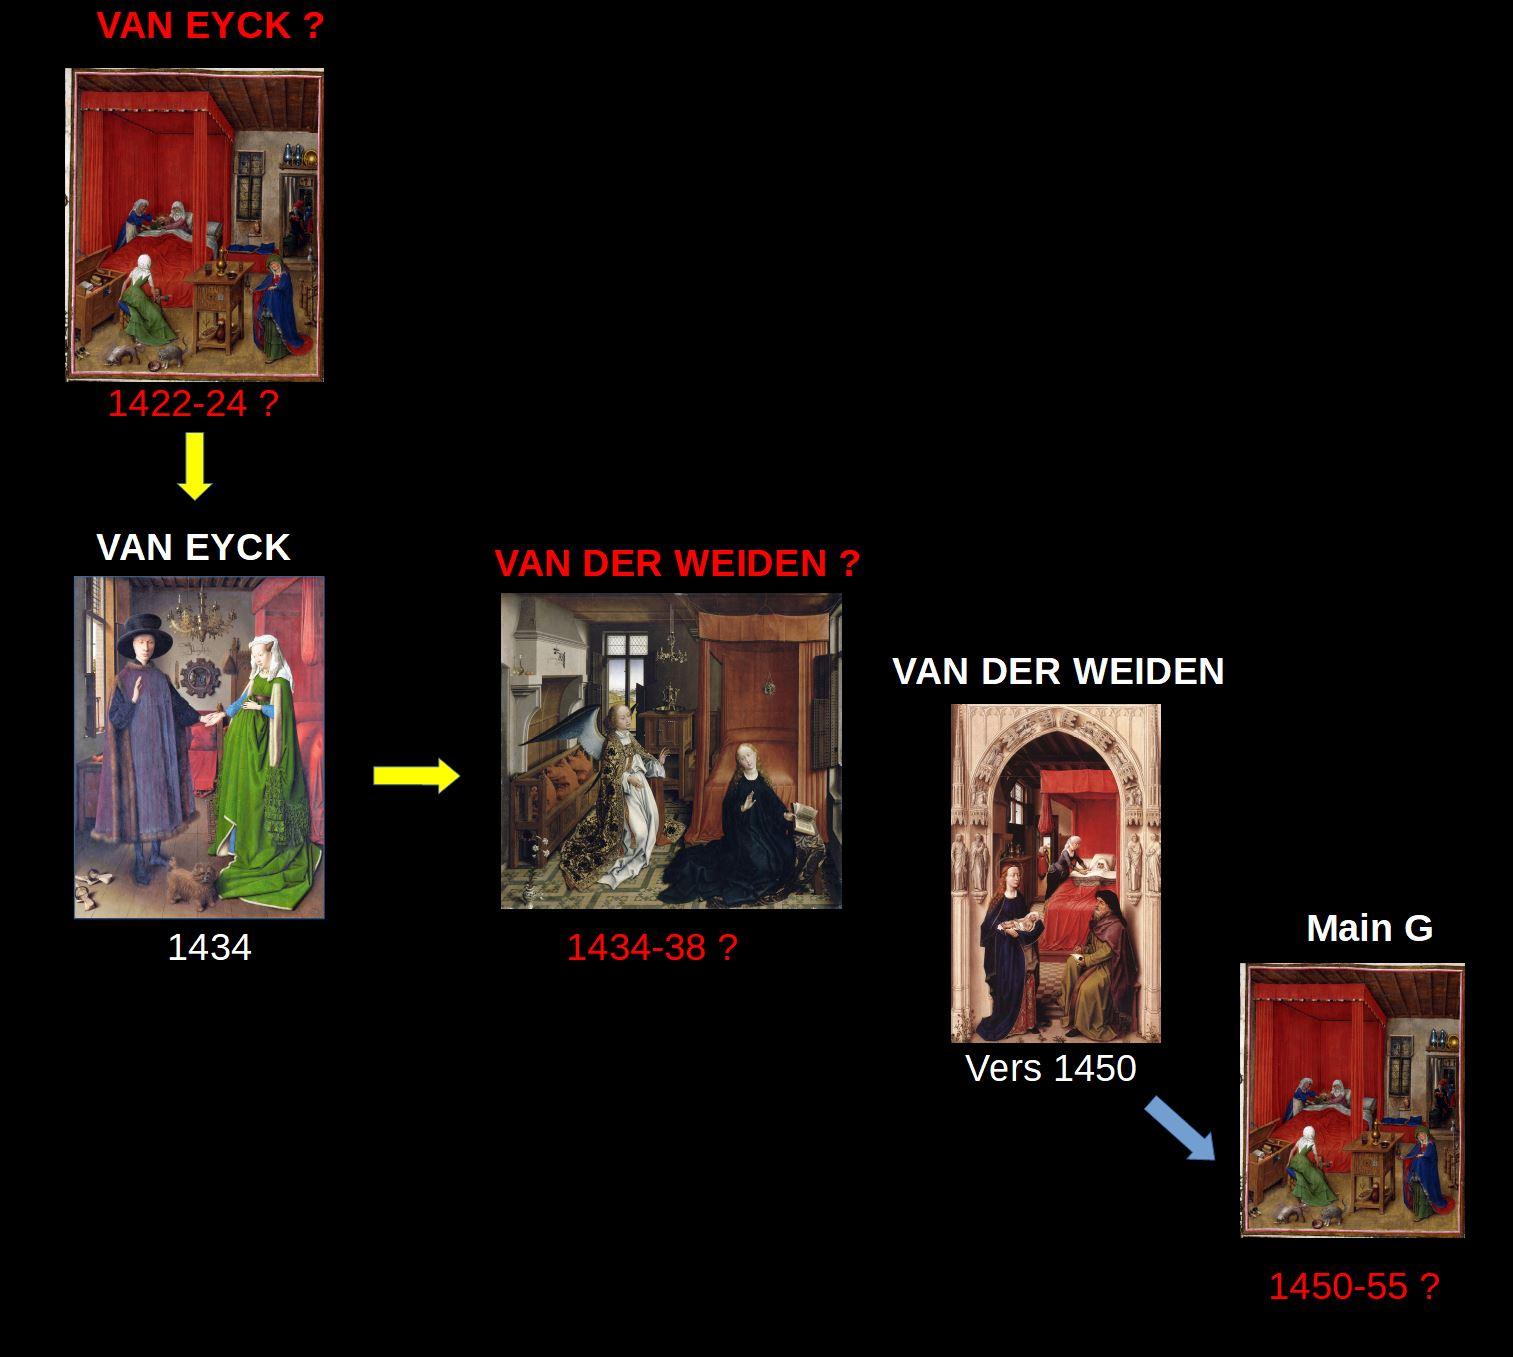 van der weyden van eyck chronologie